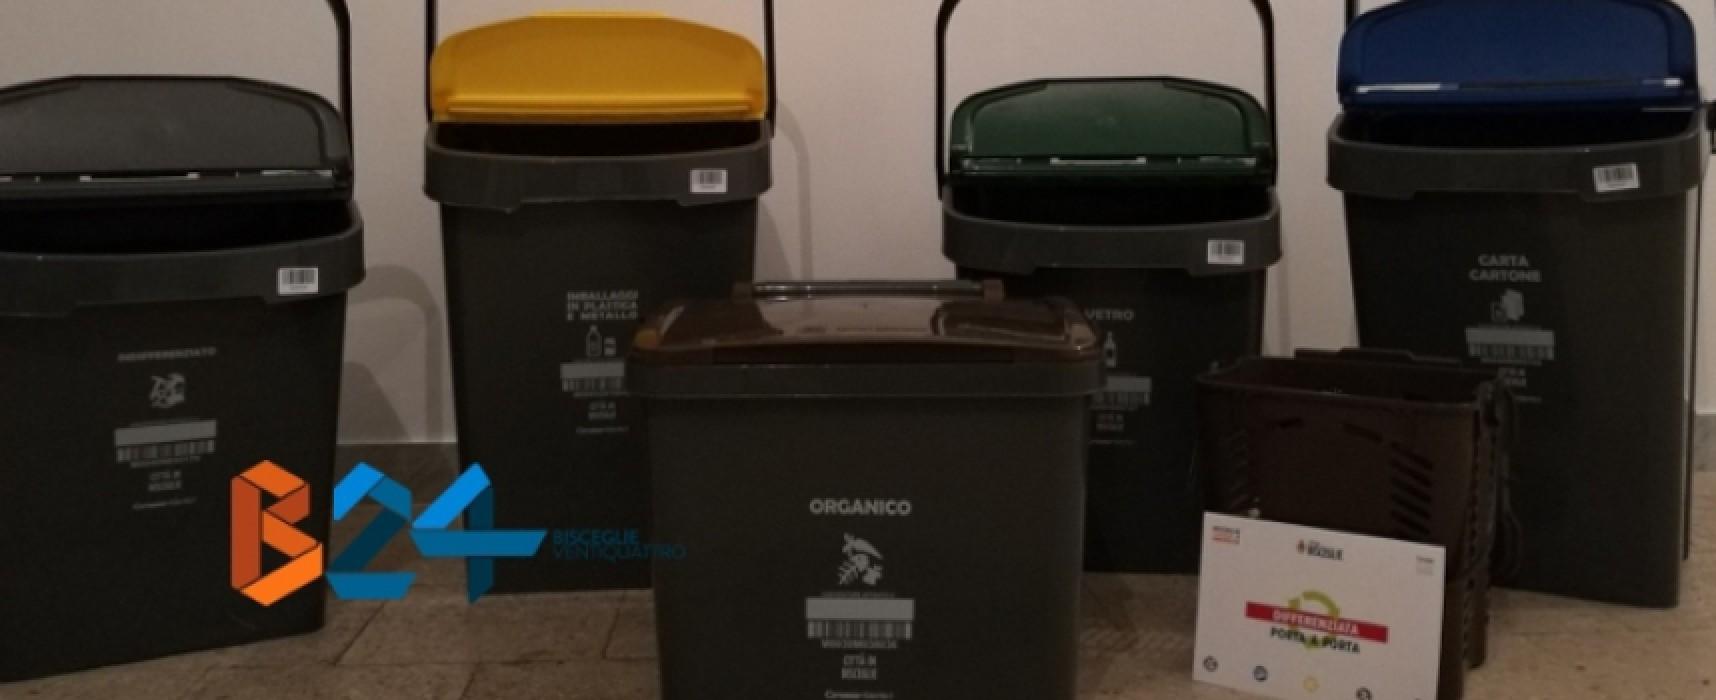 Conferimento rifiuti: ordinanza sindacale richiama alle regole, proseguono i controlli